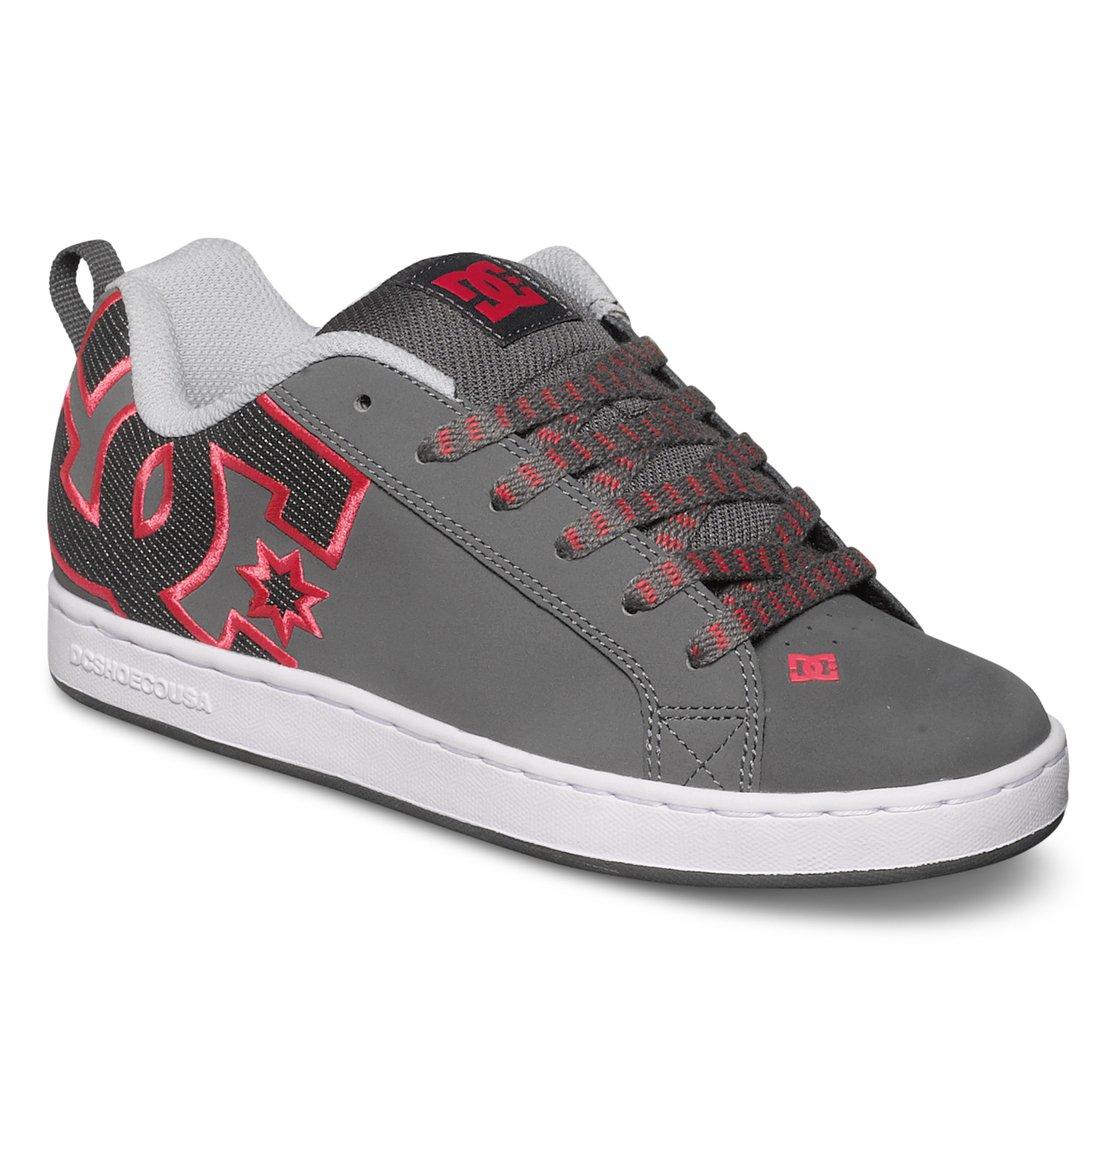 682163ad8b 1 Court Graffik SE 301043 DC Shoes